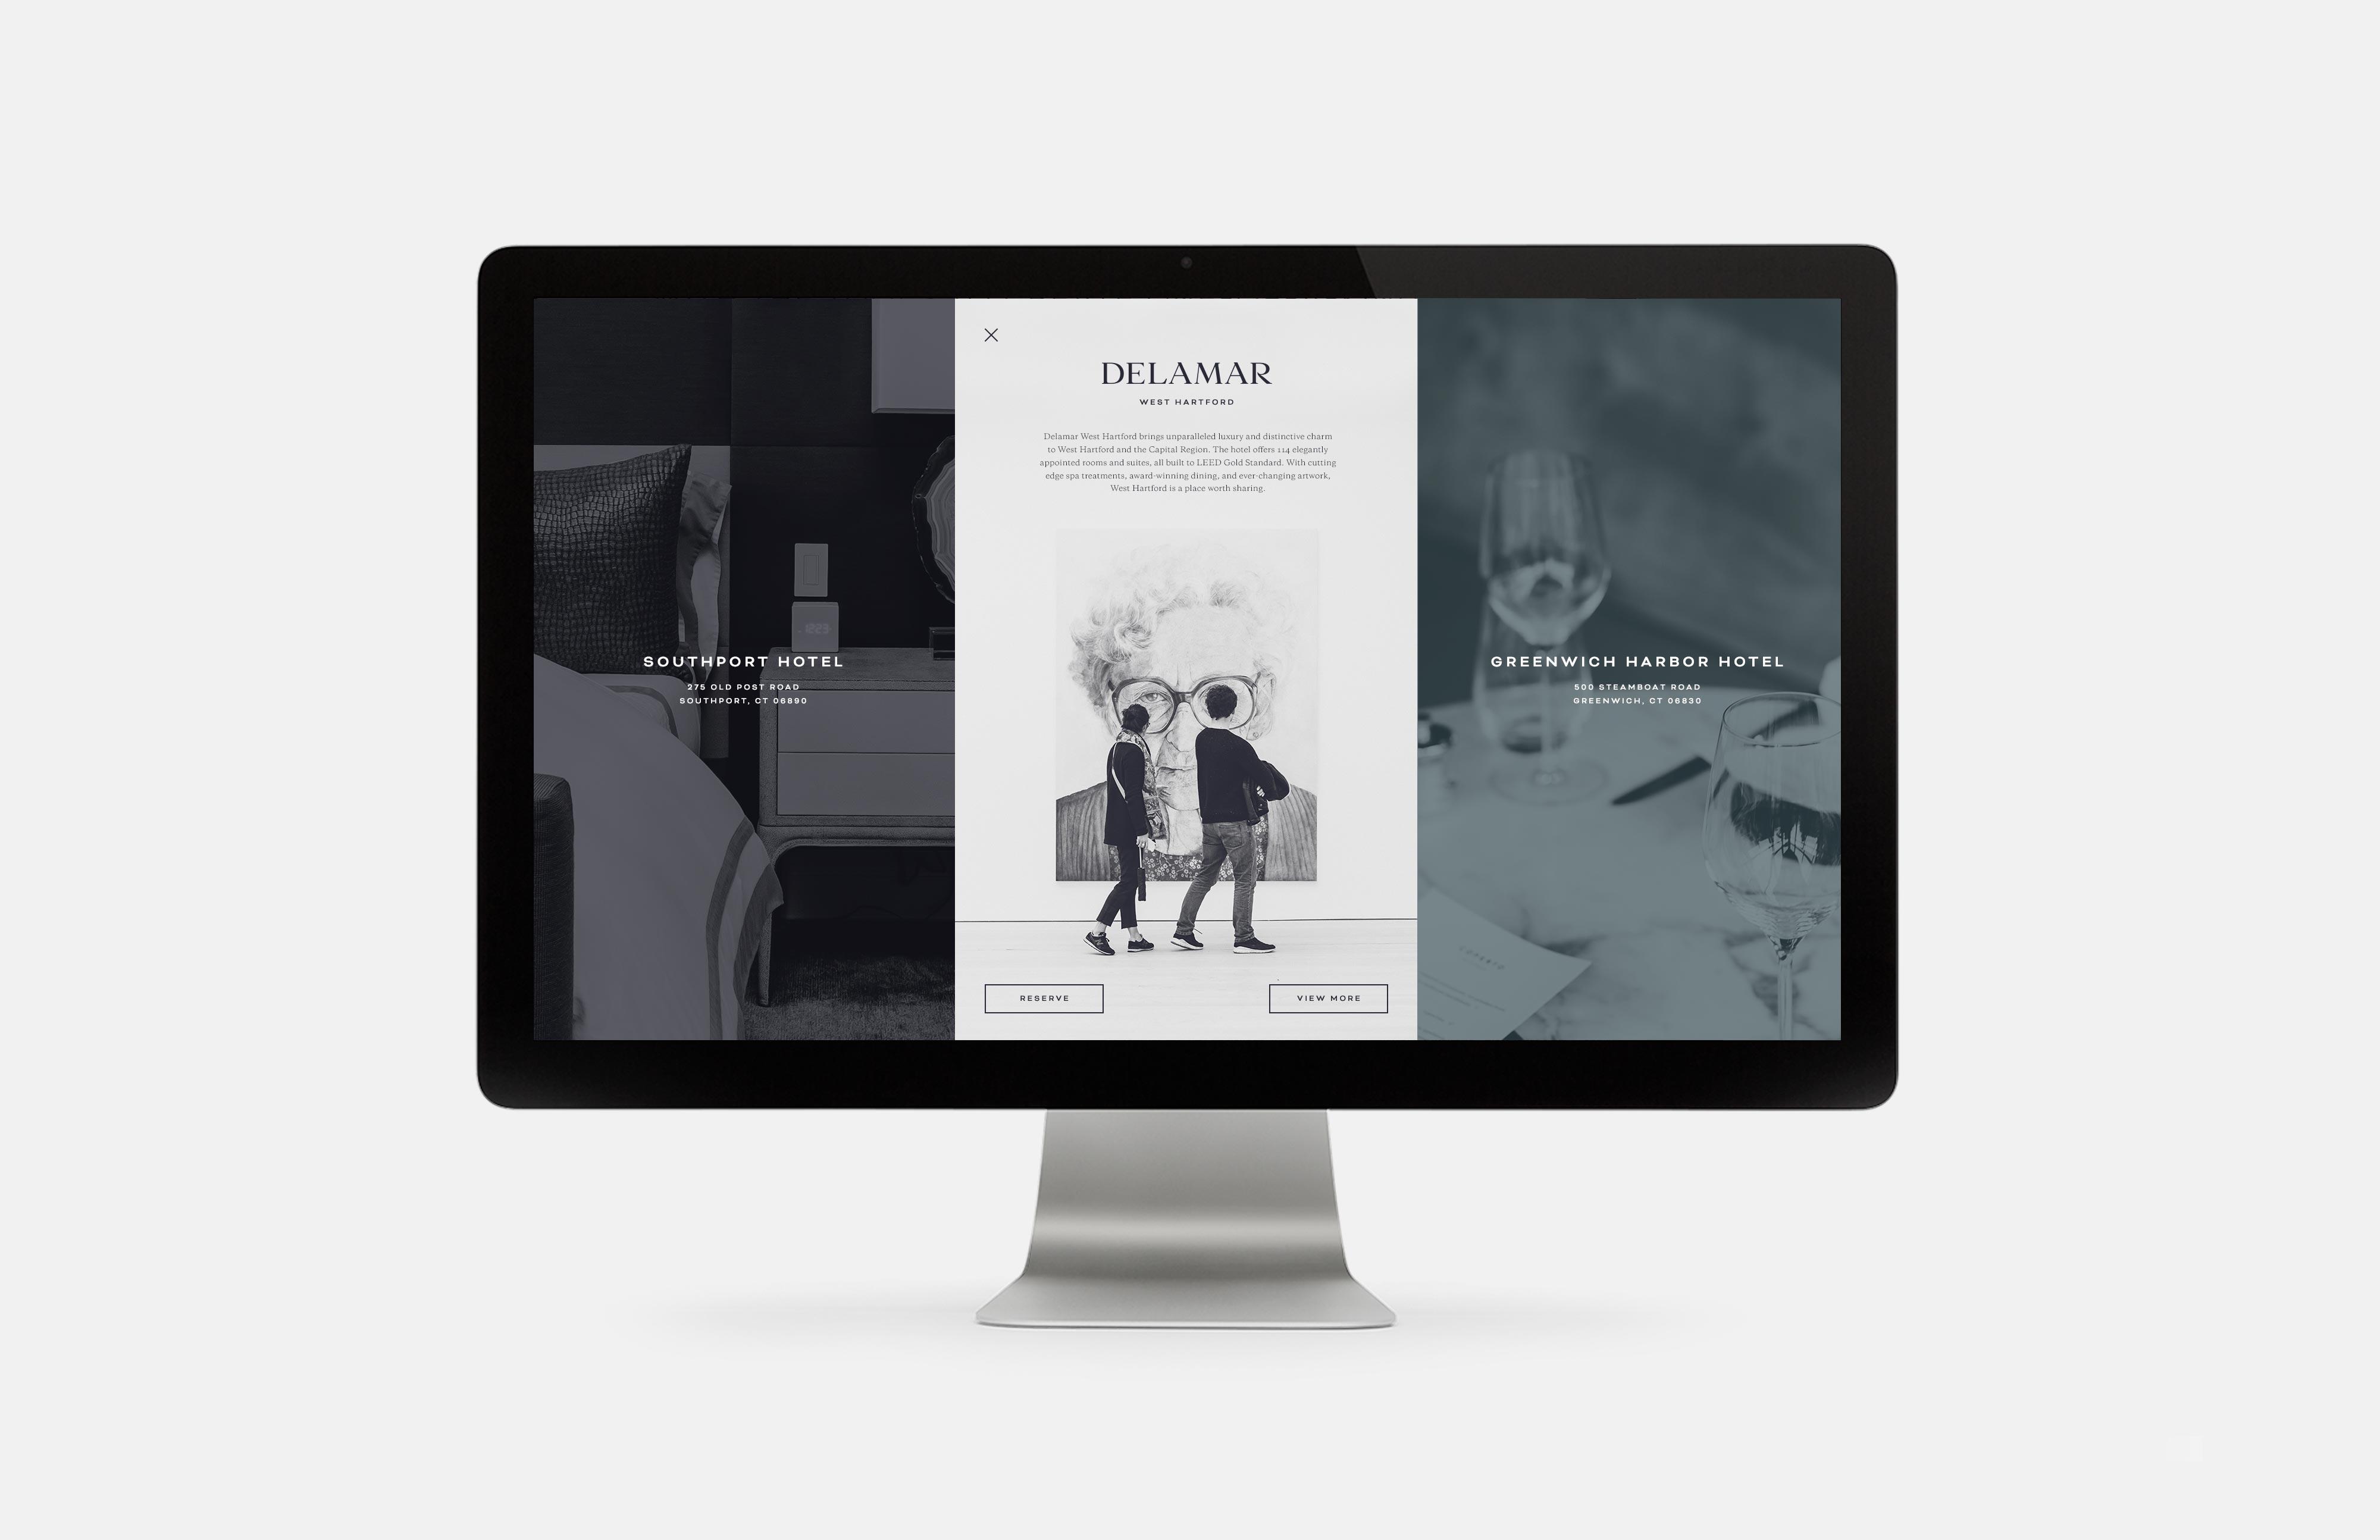 Delamar-Desktop-Display-L